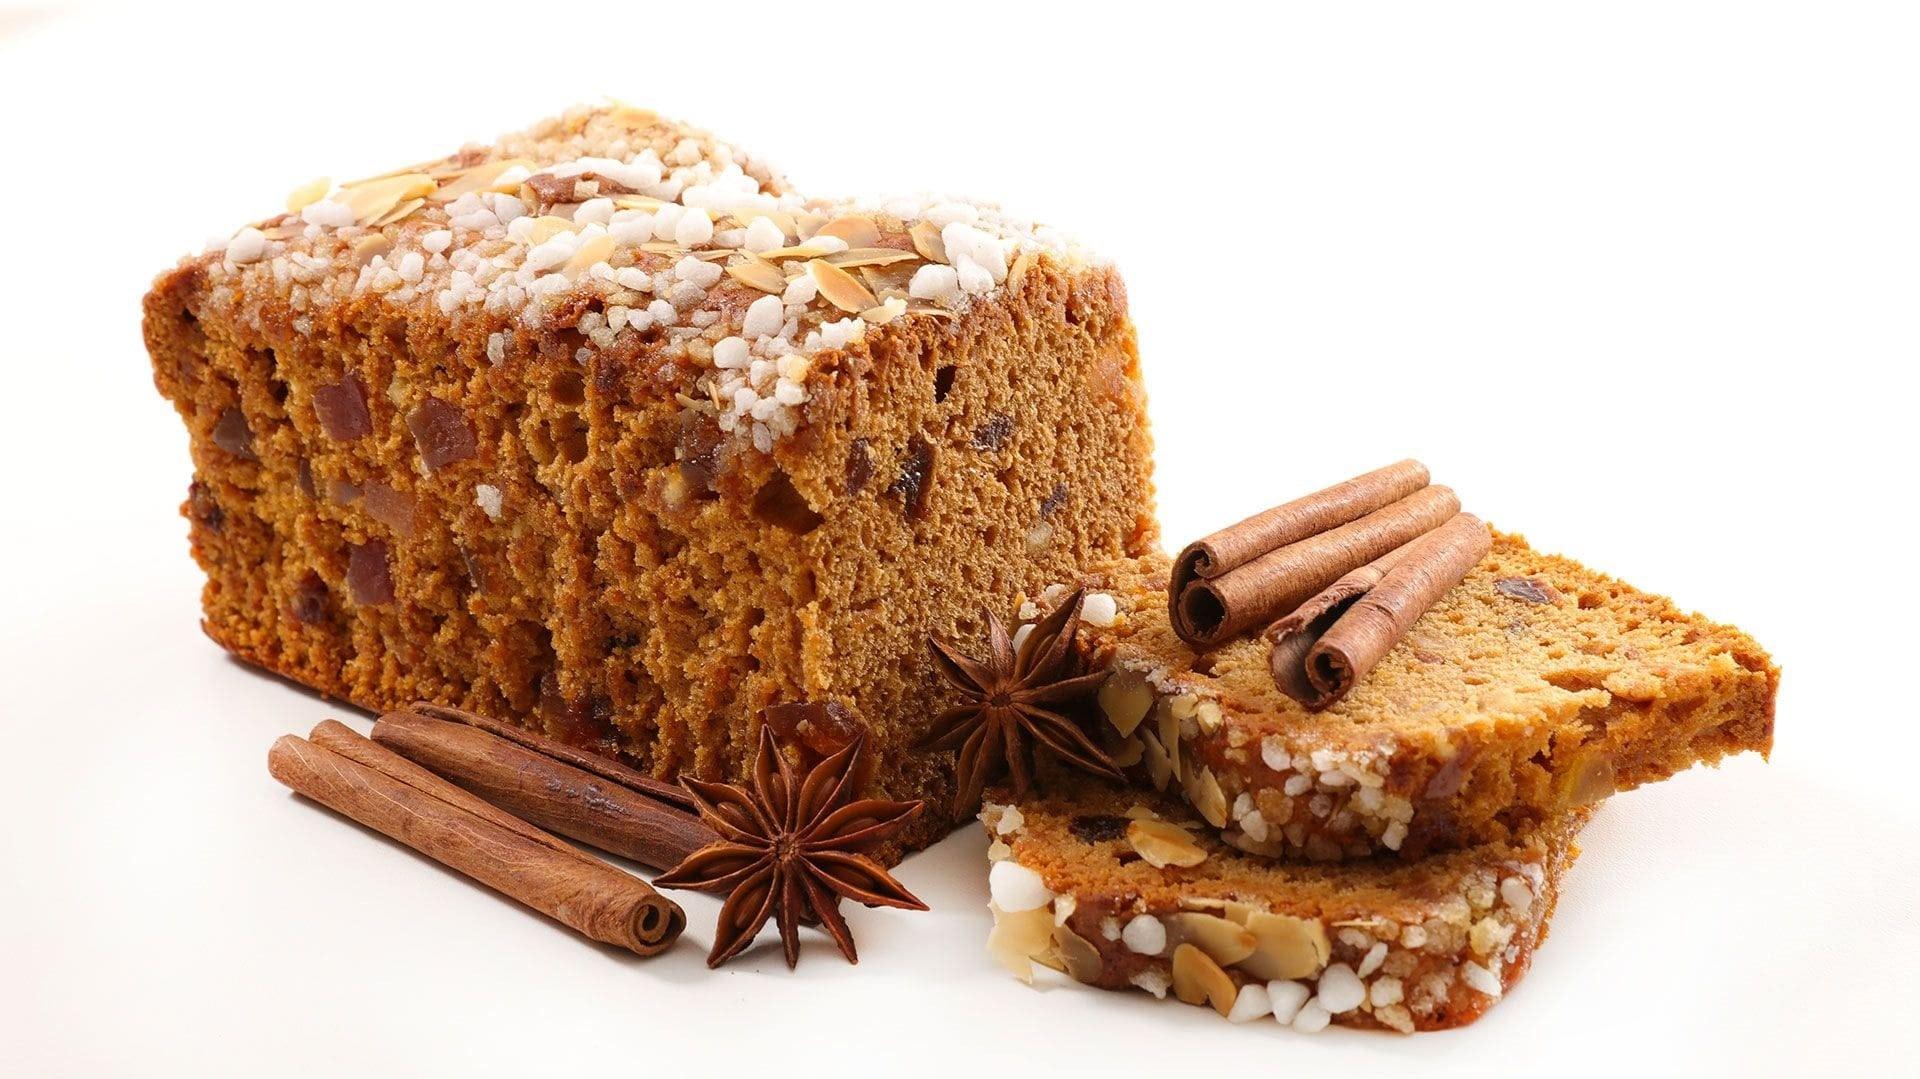 Piernik świąteczny - jak zrobić pyszne ciasto na Wigilię?